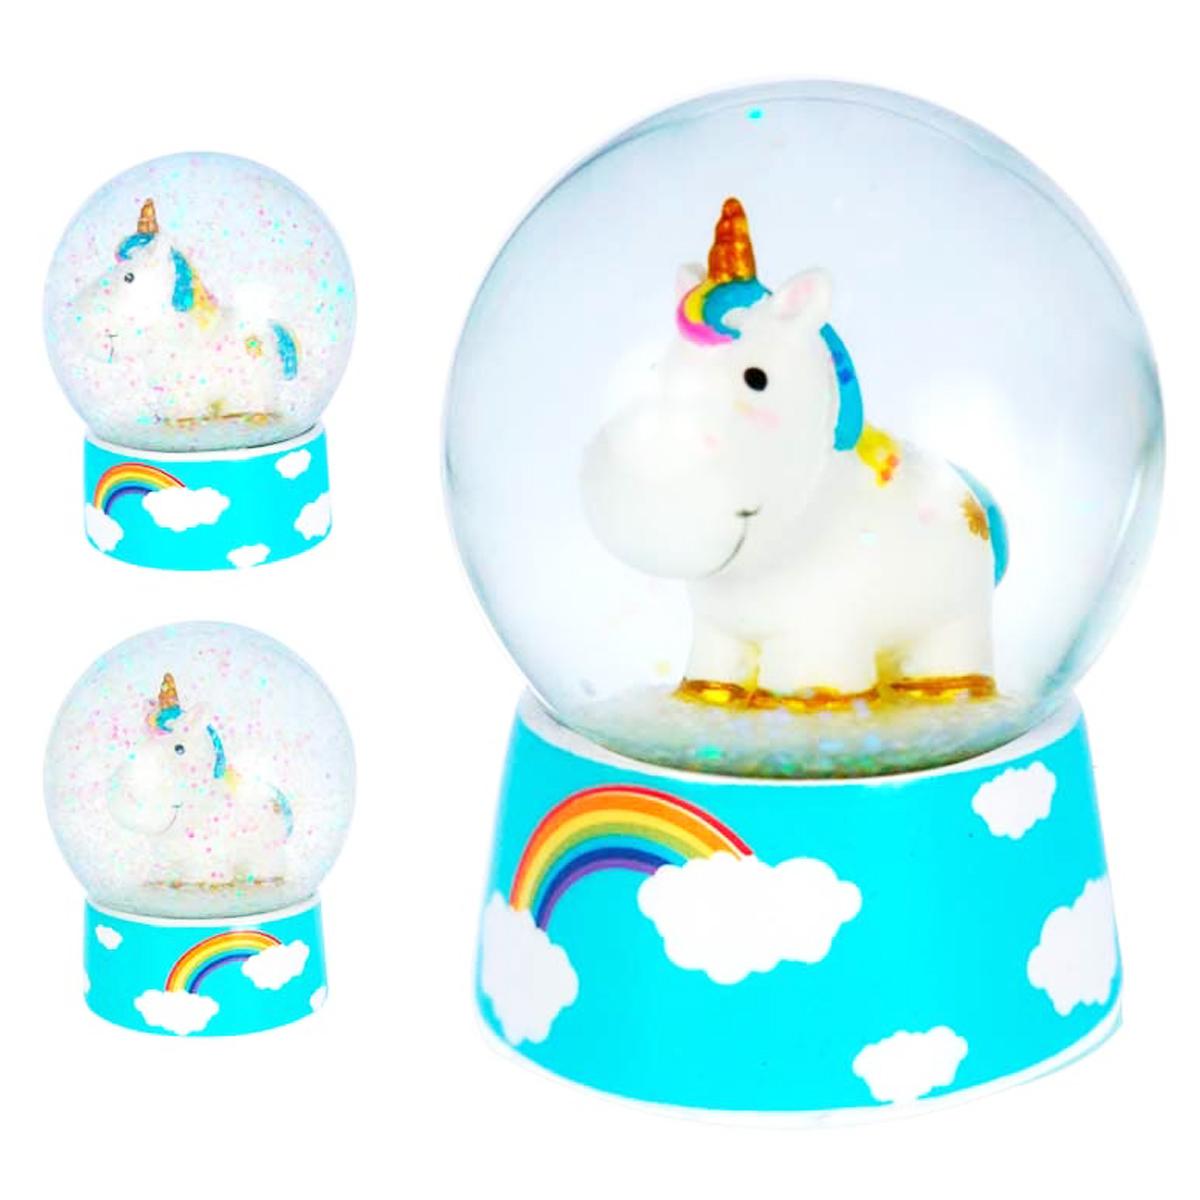 Boule de neige \'Licorne My Unicorn\' blanc arc en ciel - 85x65 cm - [Q0842]